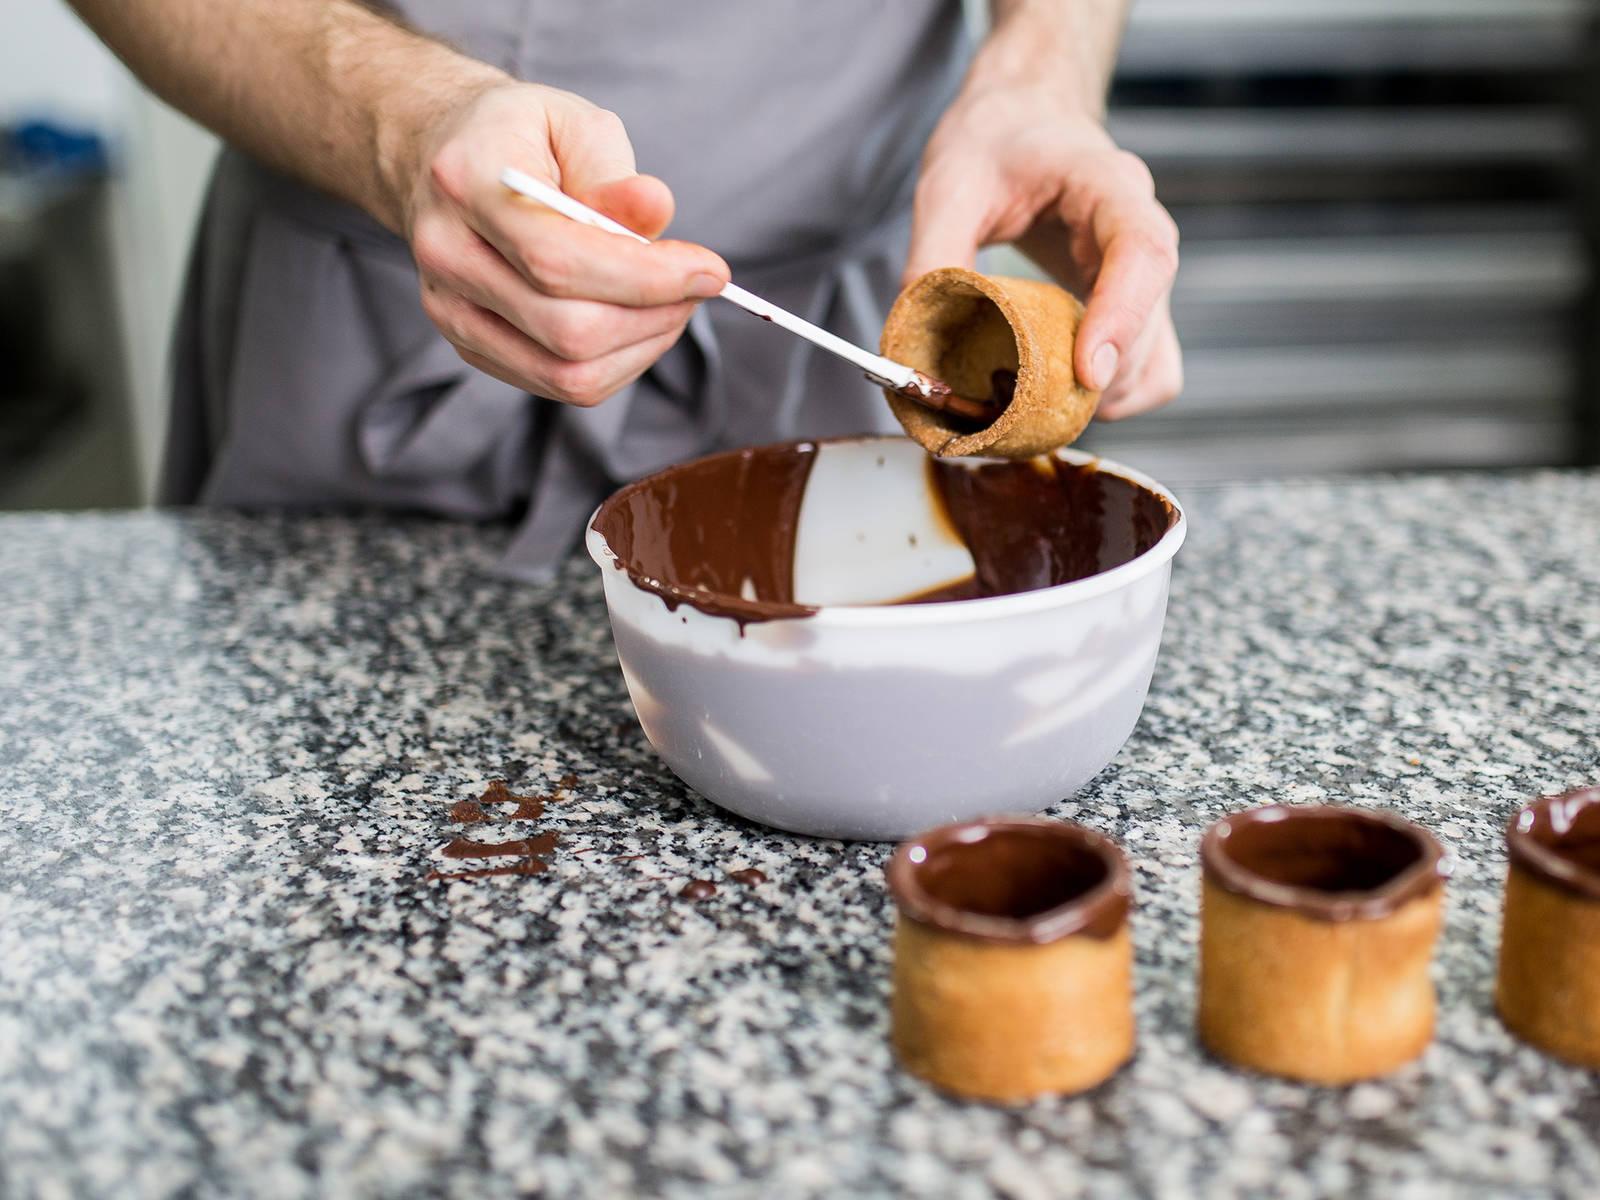 一旦巧克力混合物温度达到32摄氏度,便马上用油刷沾取巧克力酱,刷涂在曲奇杯内壁和杯底。为了确保杯子不漏,在杯内刷上两层巧克力酱。为了确保杯口也不漏,将杯口朝下,蘸进巧克力酱,再正面朝上,让多余的巧克力自然滴落。如果喜欢,可以在此步骤加上杏仁碎或彩色巧克力用作装饰,或者等到巧克力重新冷却后撒上金箔。将曲奇杯放入冰箱冷藏约20分钟。